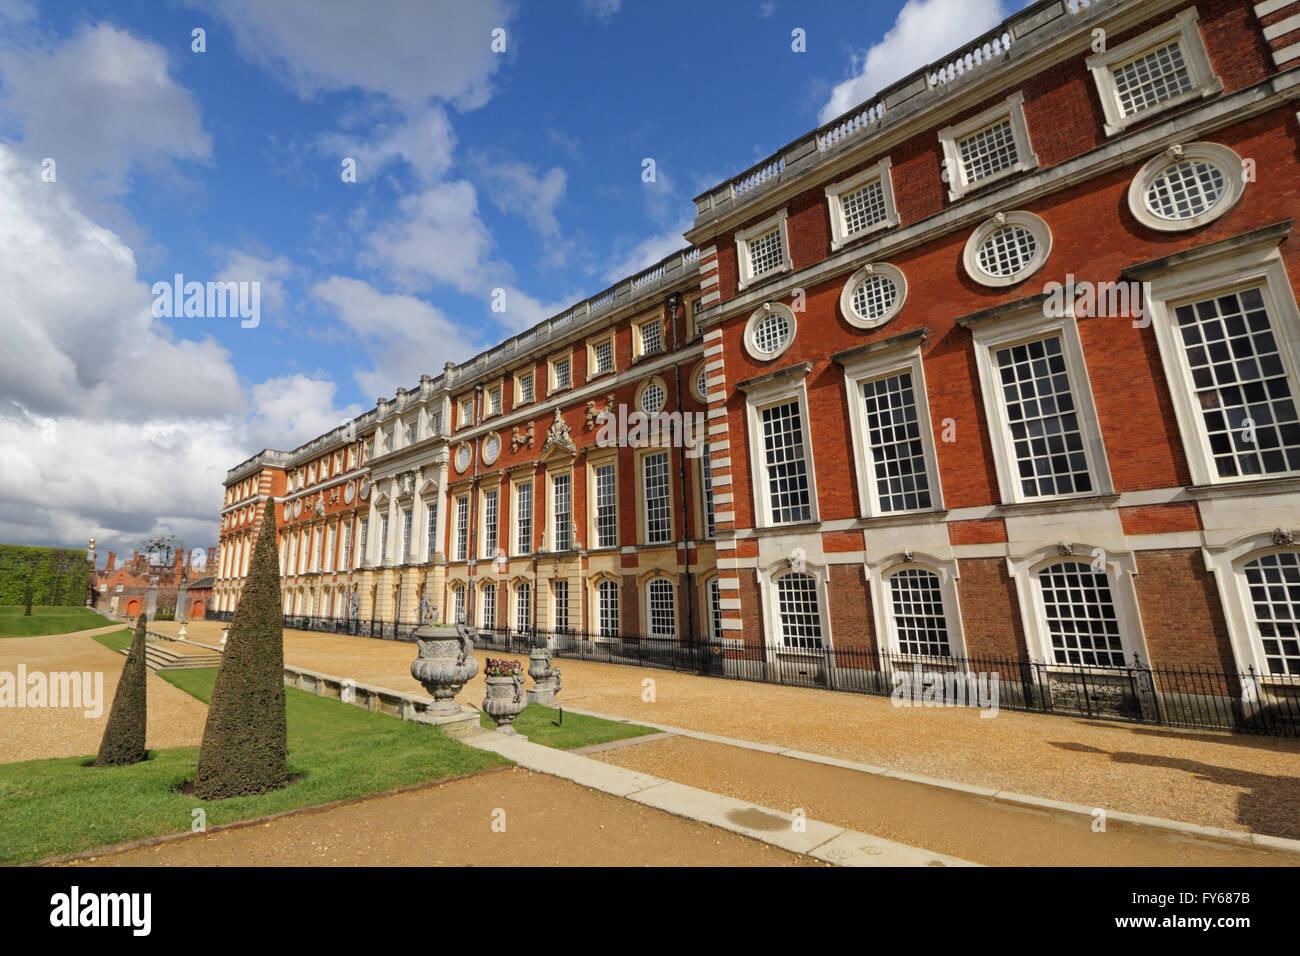 Palacio de Hampton Court, Londres, Reino Unido. 23 de abril de 2016. El bellamente diseñado privvy jardín Imagen De Stock